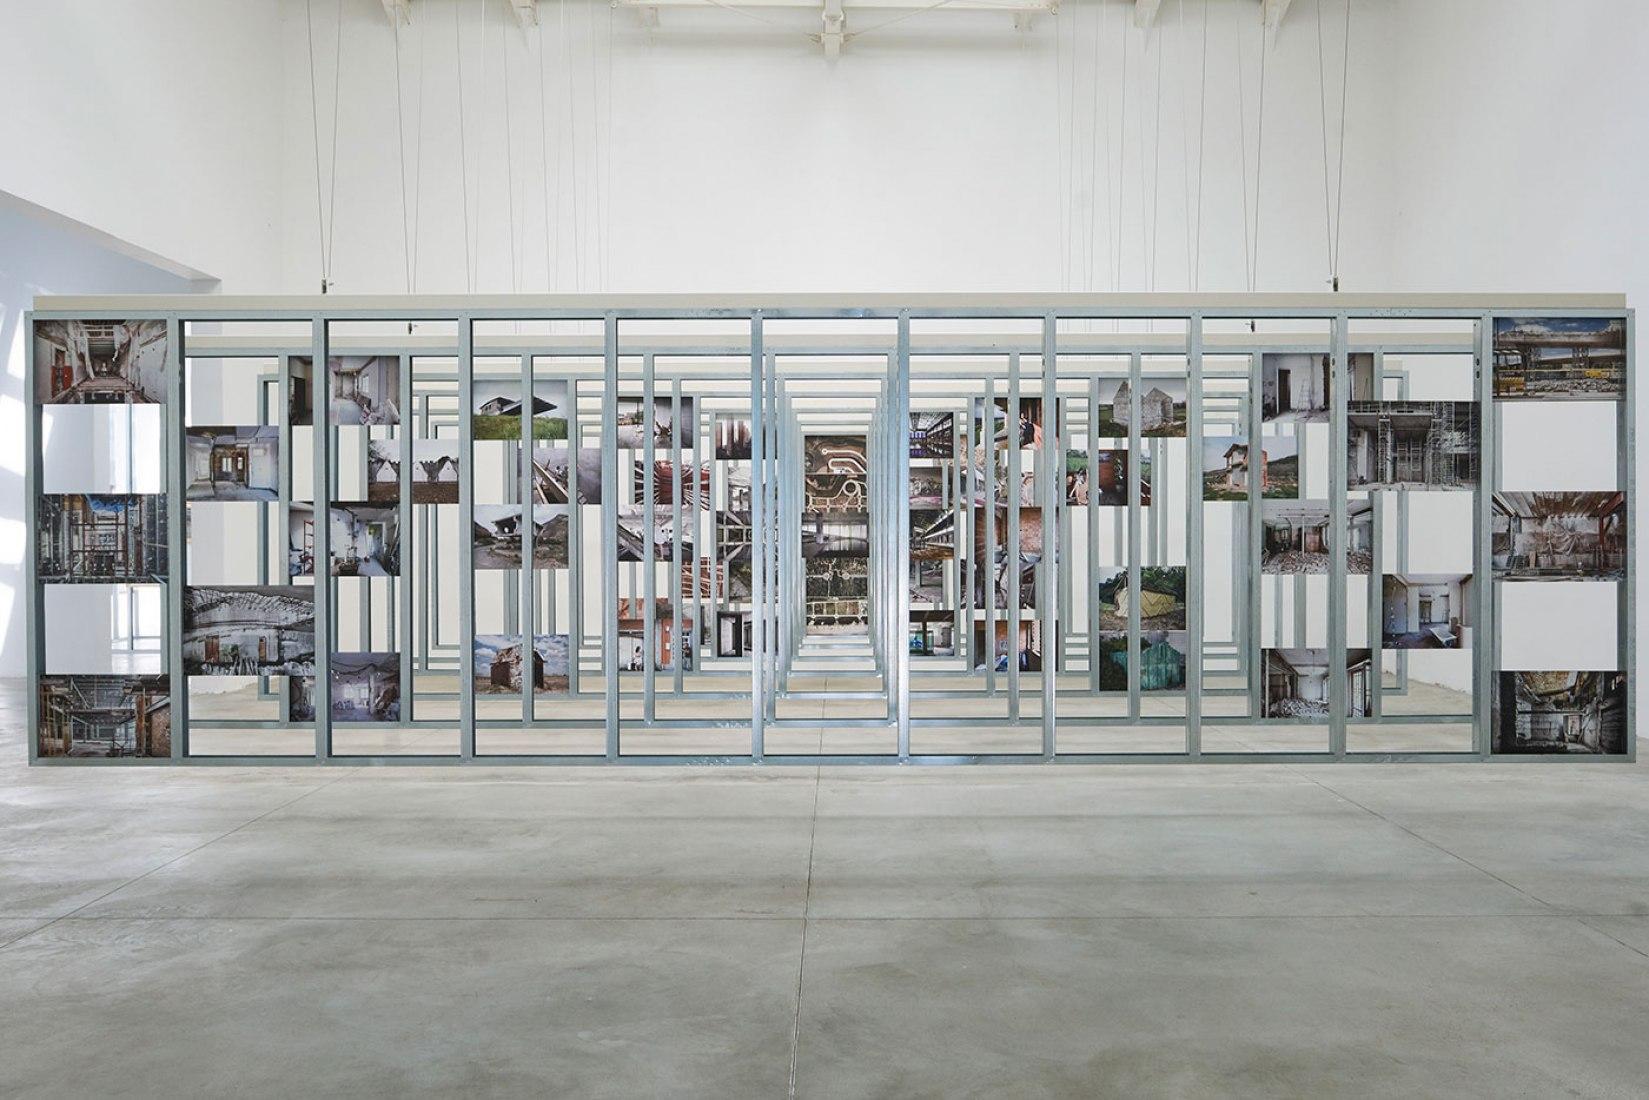 Pabellón de España Bienal de Venecia. Fotografía © Francesco Galli, cortesía de La Biennale di Venezia